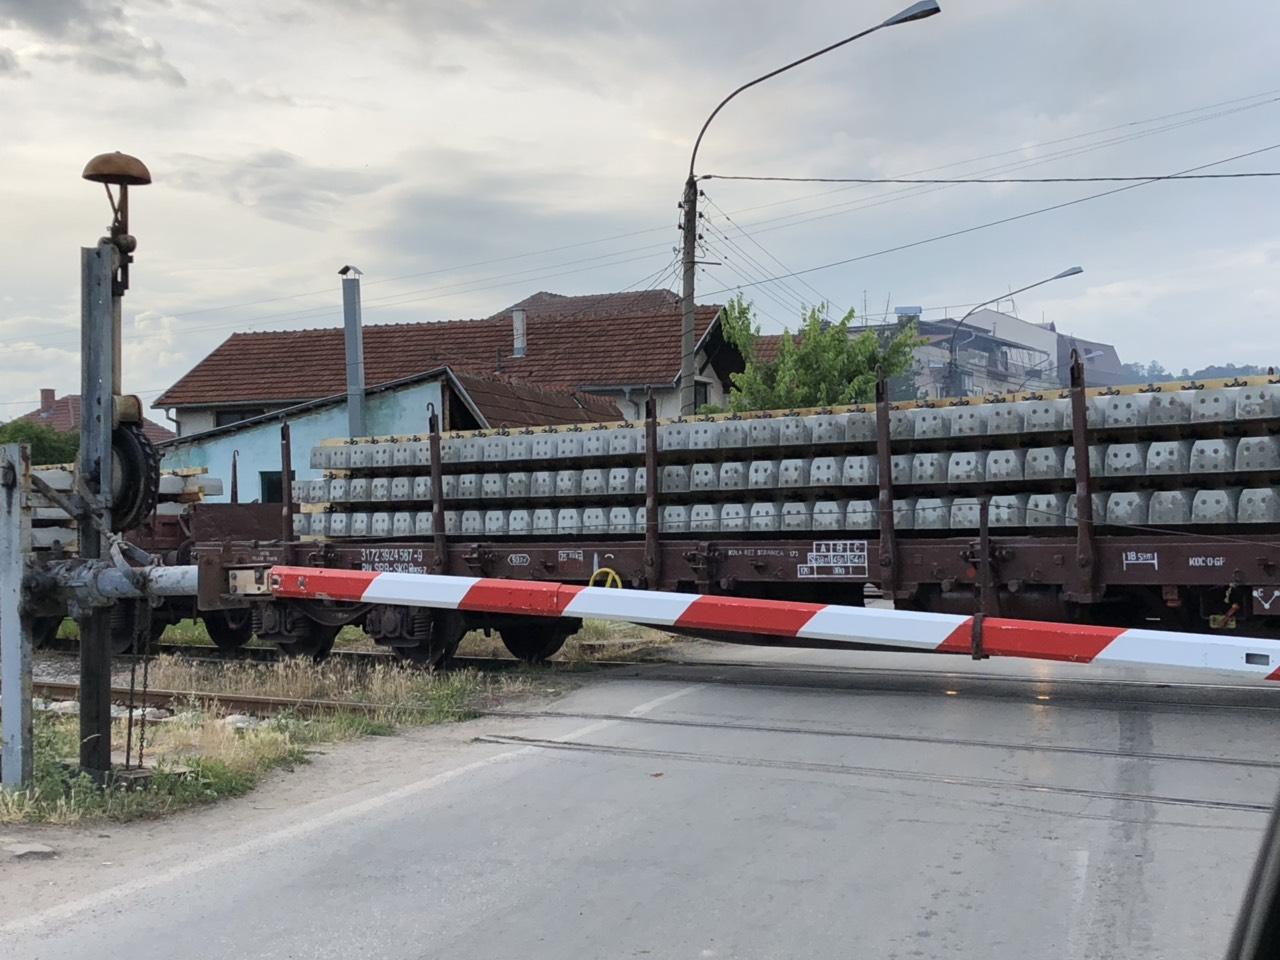 Sutra kreću radovi na rekonstrukciji pruge kroz Knjaževac